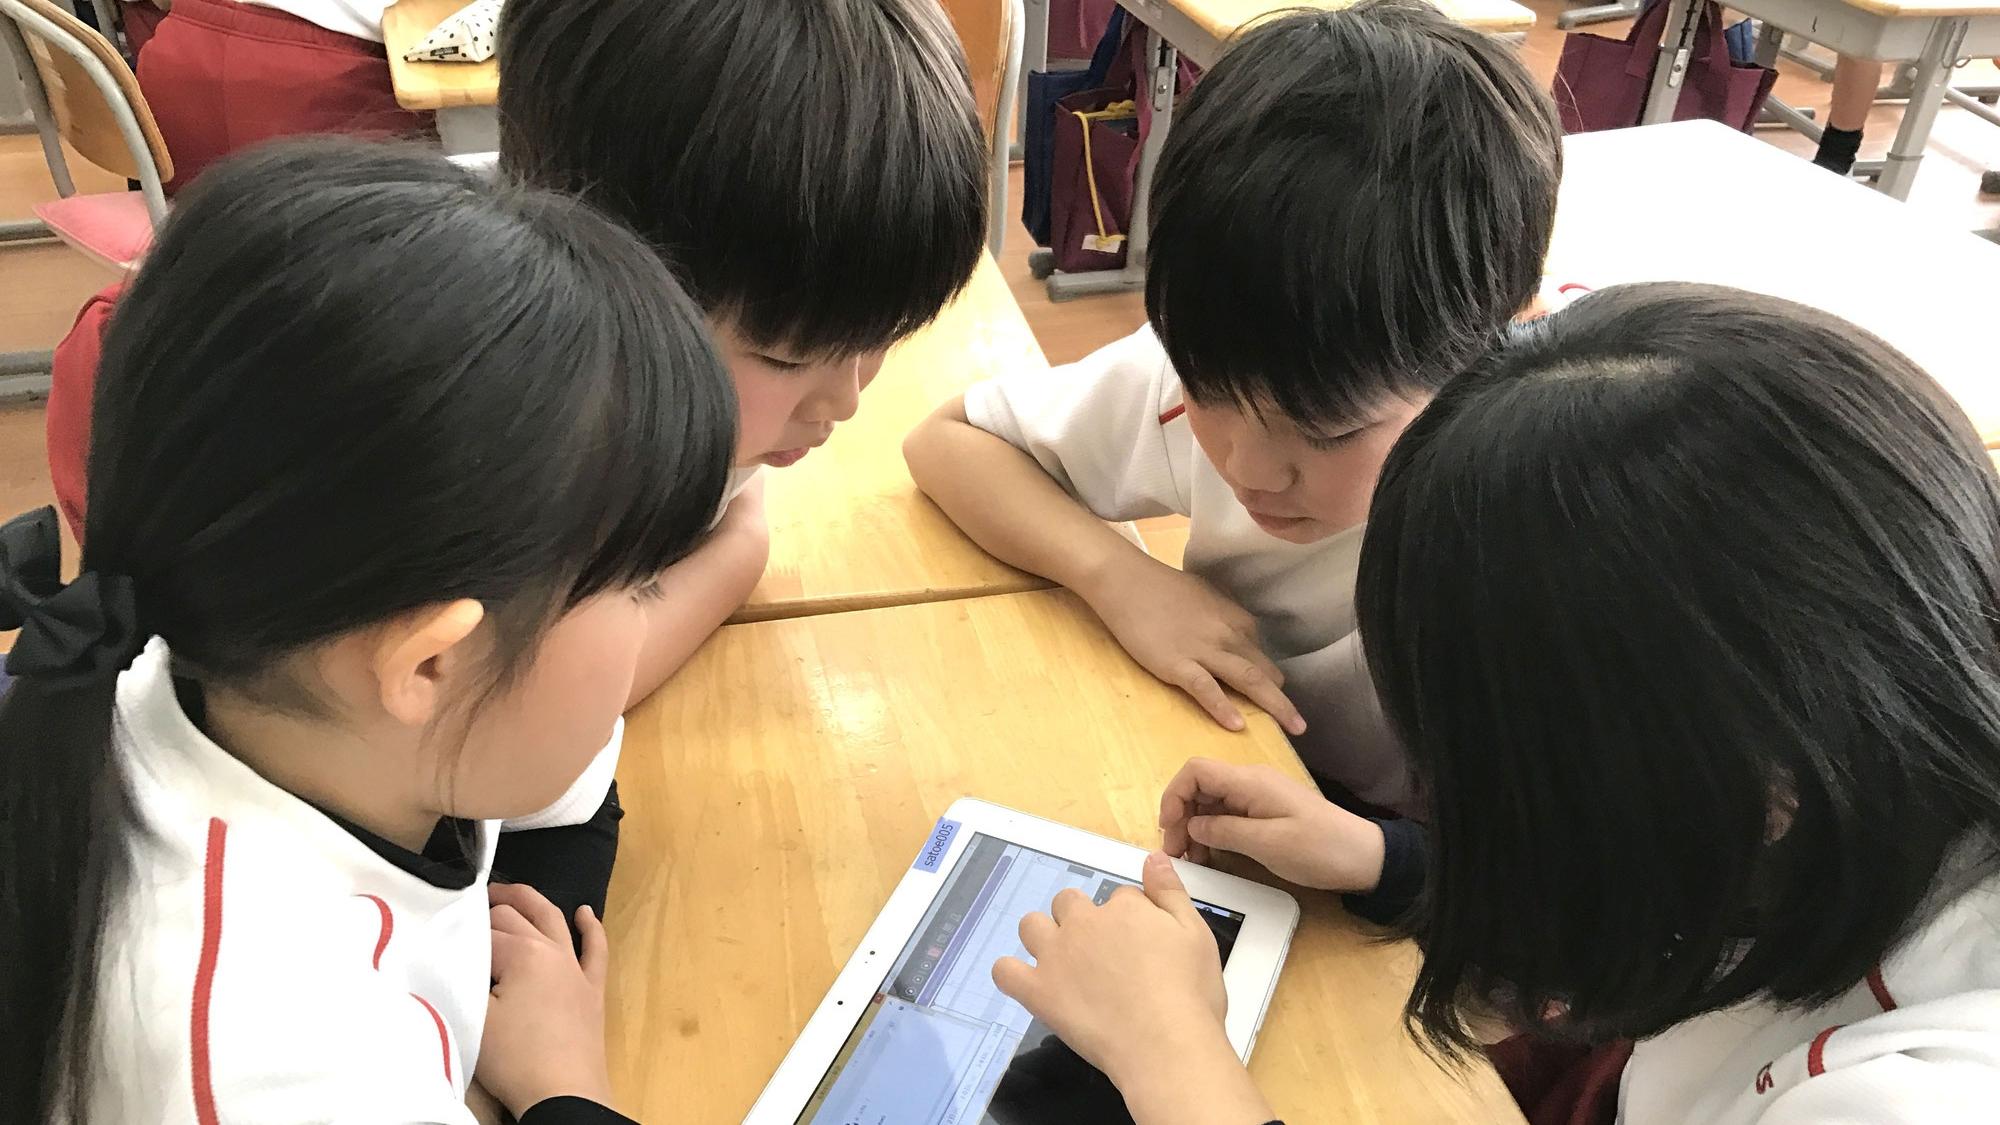 コンピュータと友だちになろう ~低学年のプログラミング教育 概要編~